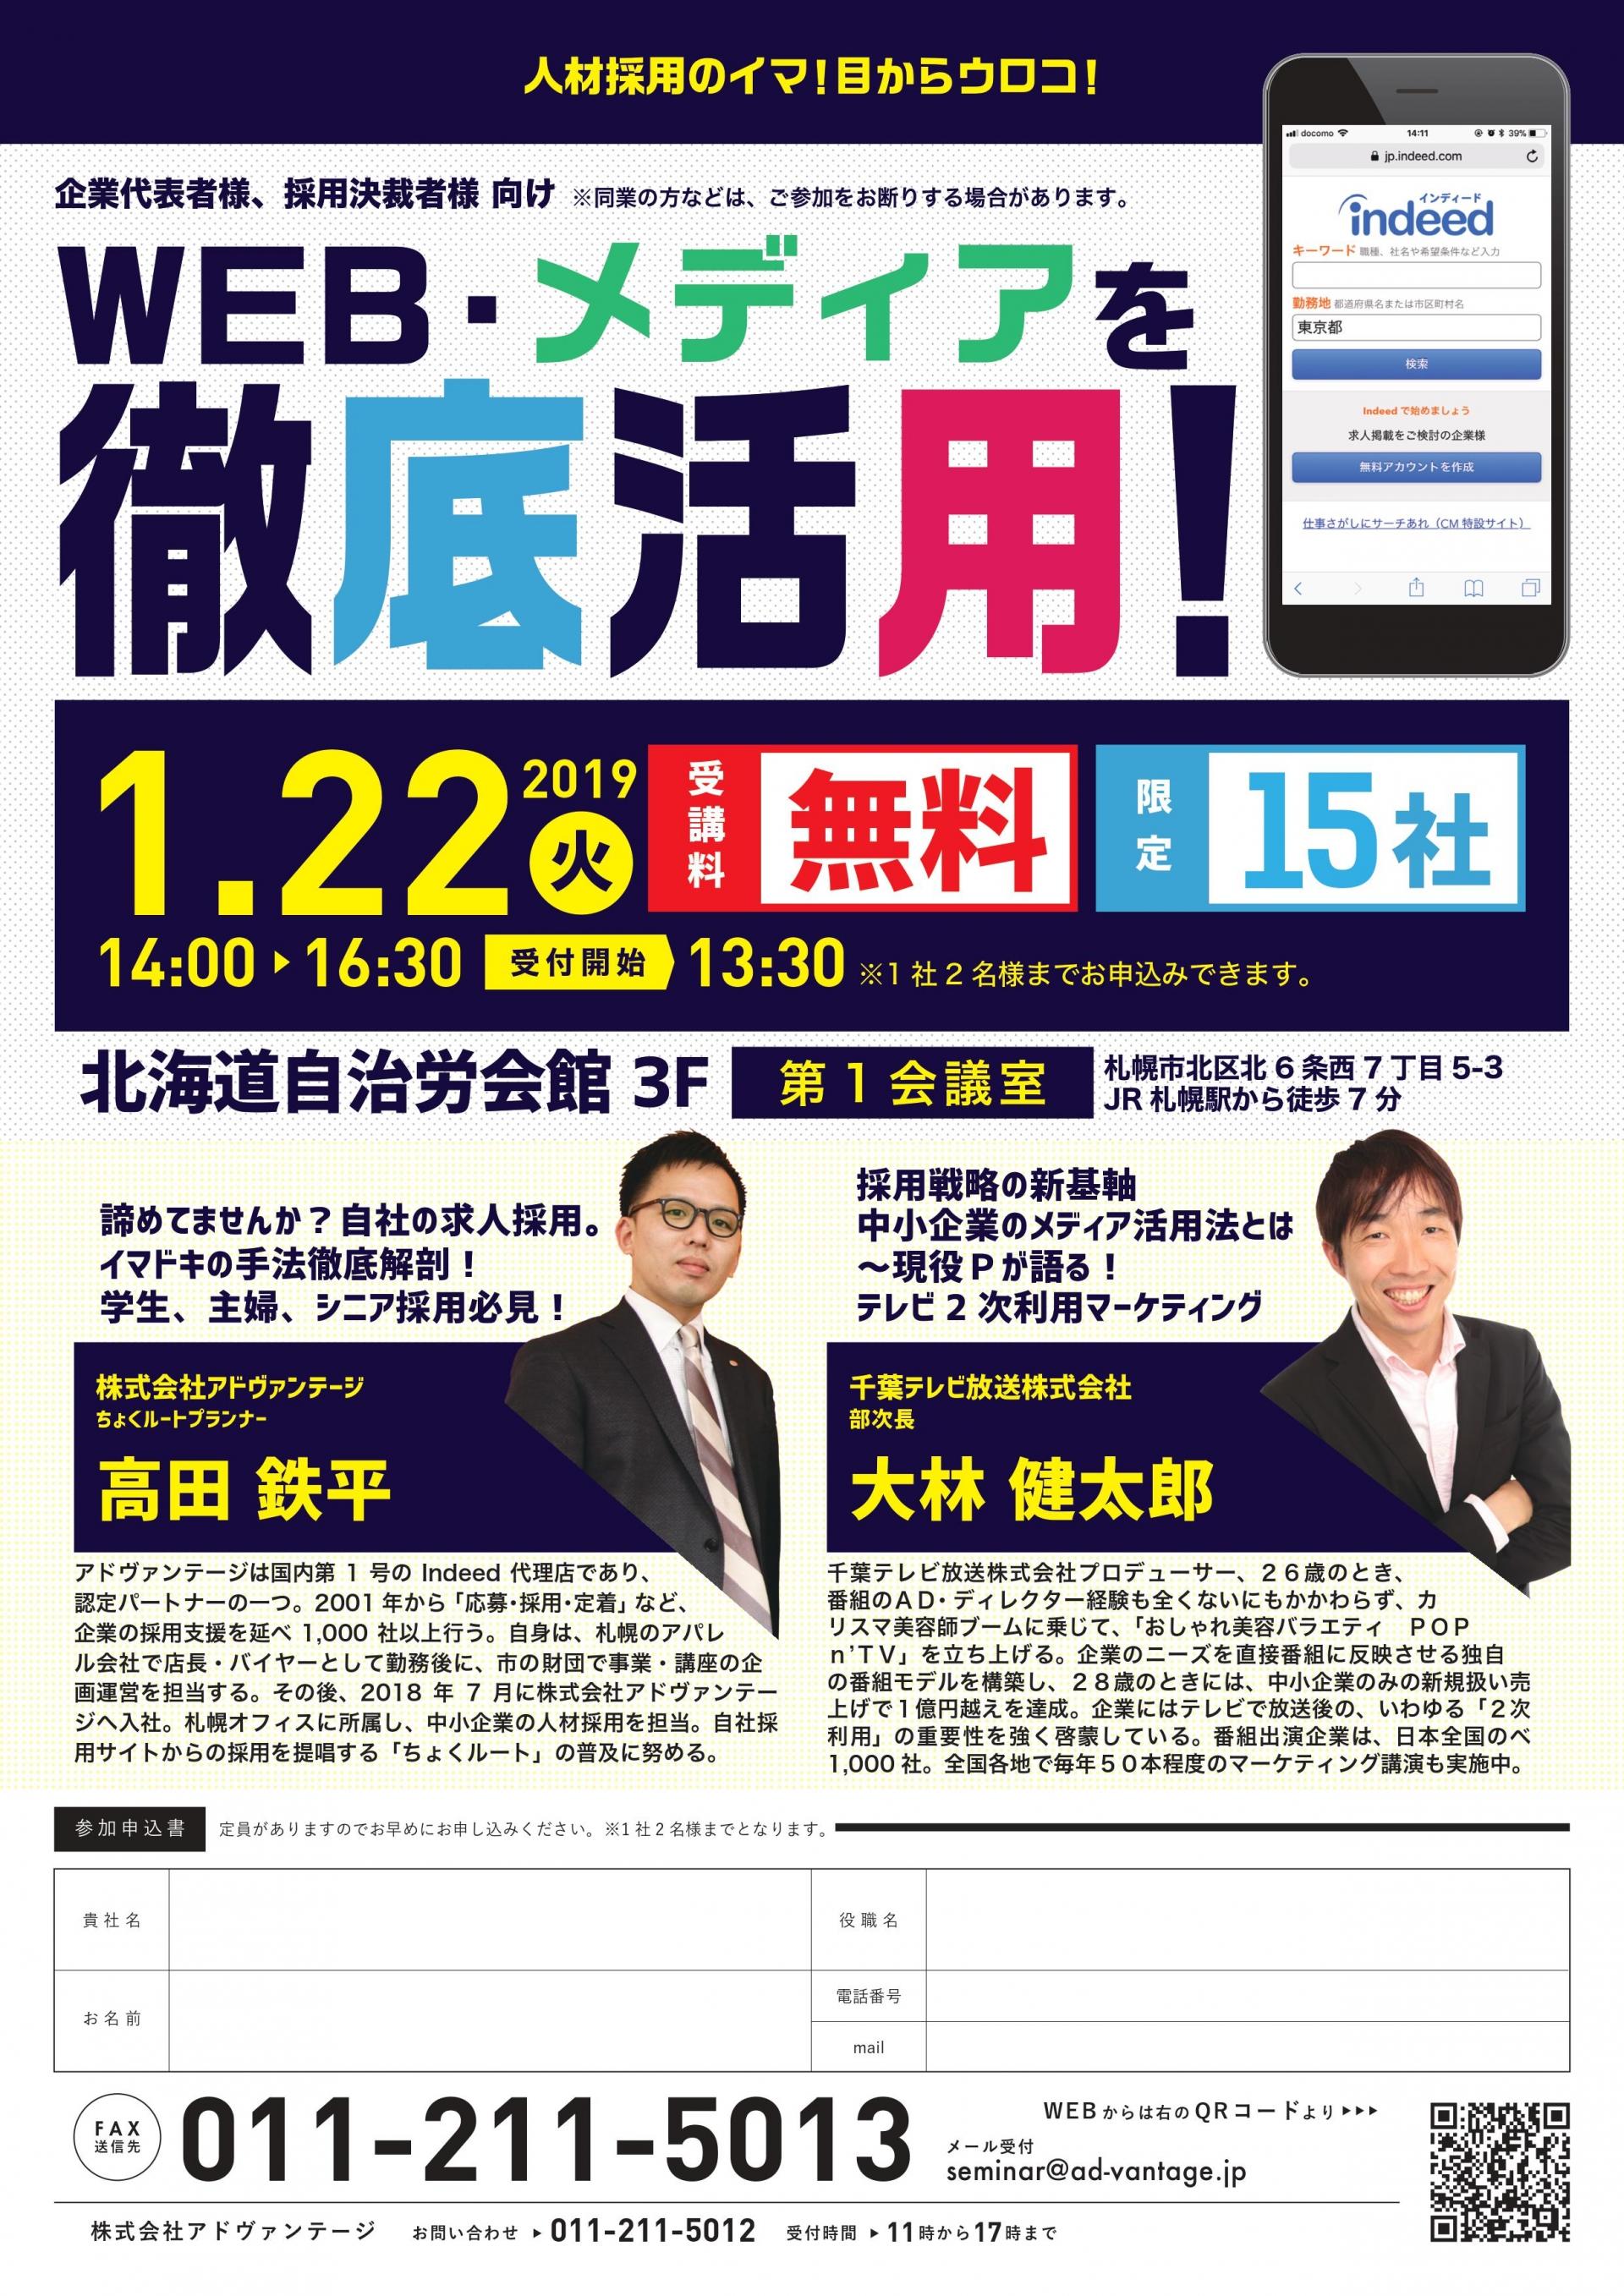 1/22開催 人材採用のイマ、目からウロコ!WEB・メディアを徹底活用!